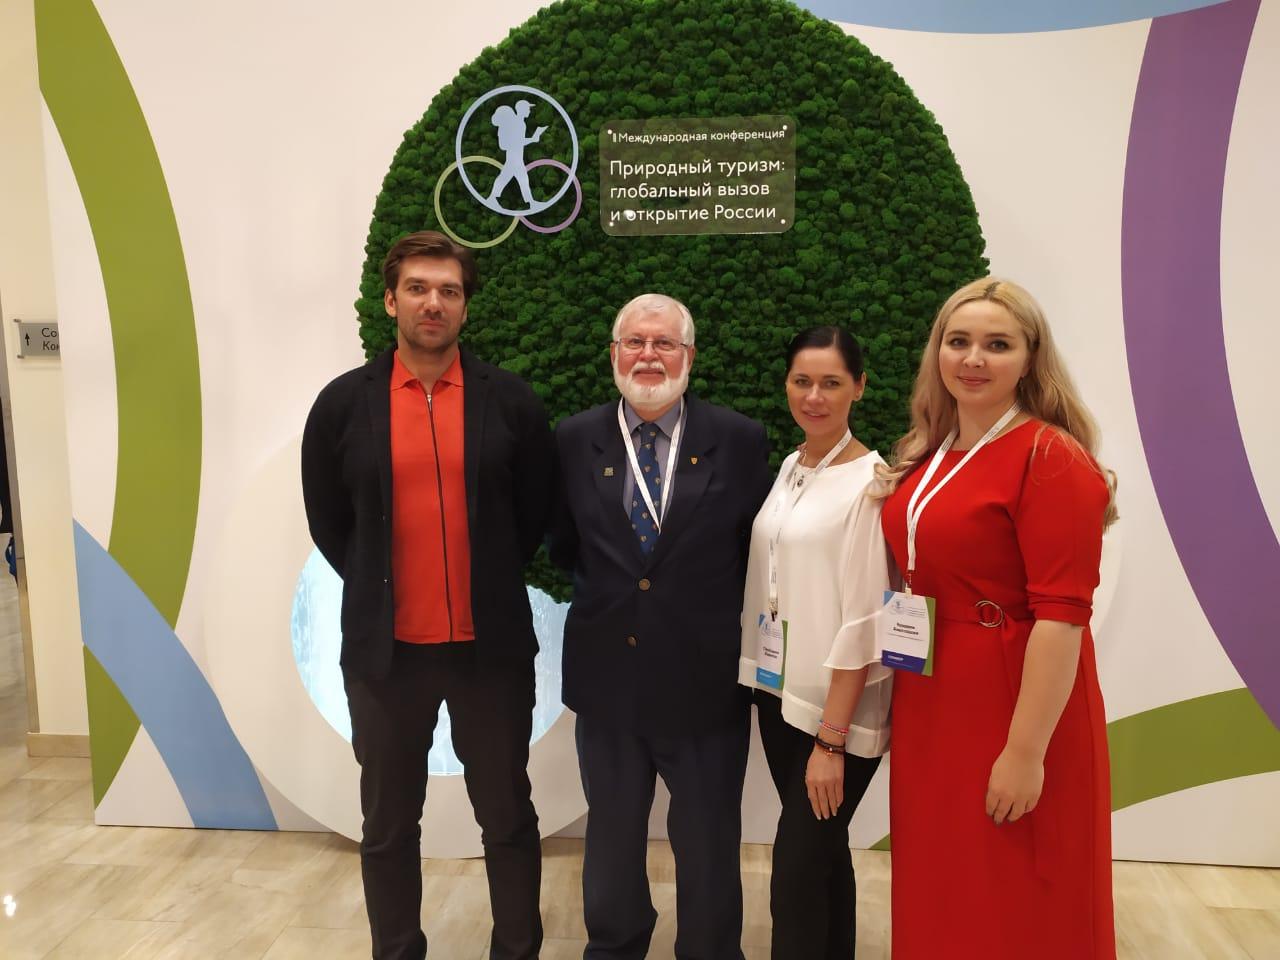 Представители АРН вернулись со II Международной конференции «Природный туризм: глобальный вызов и открытие России»